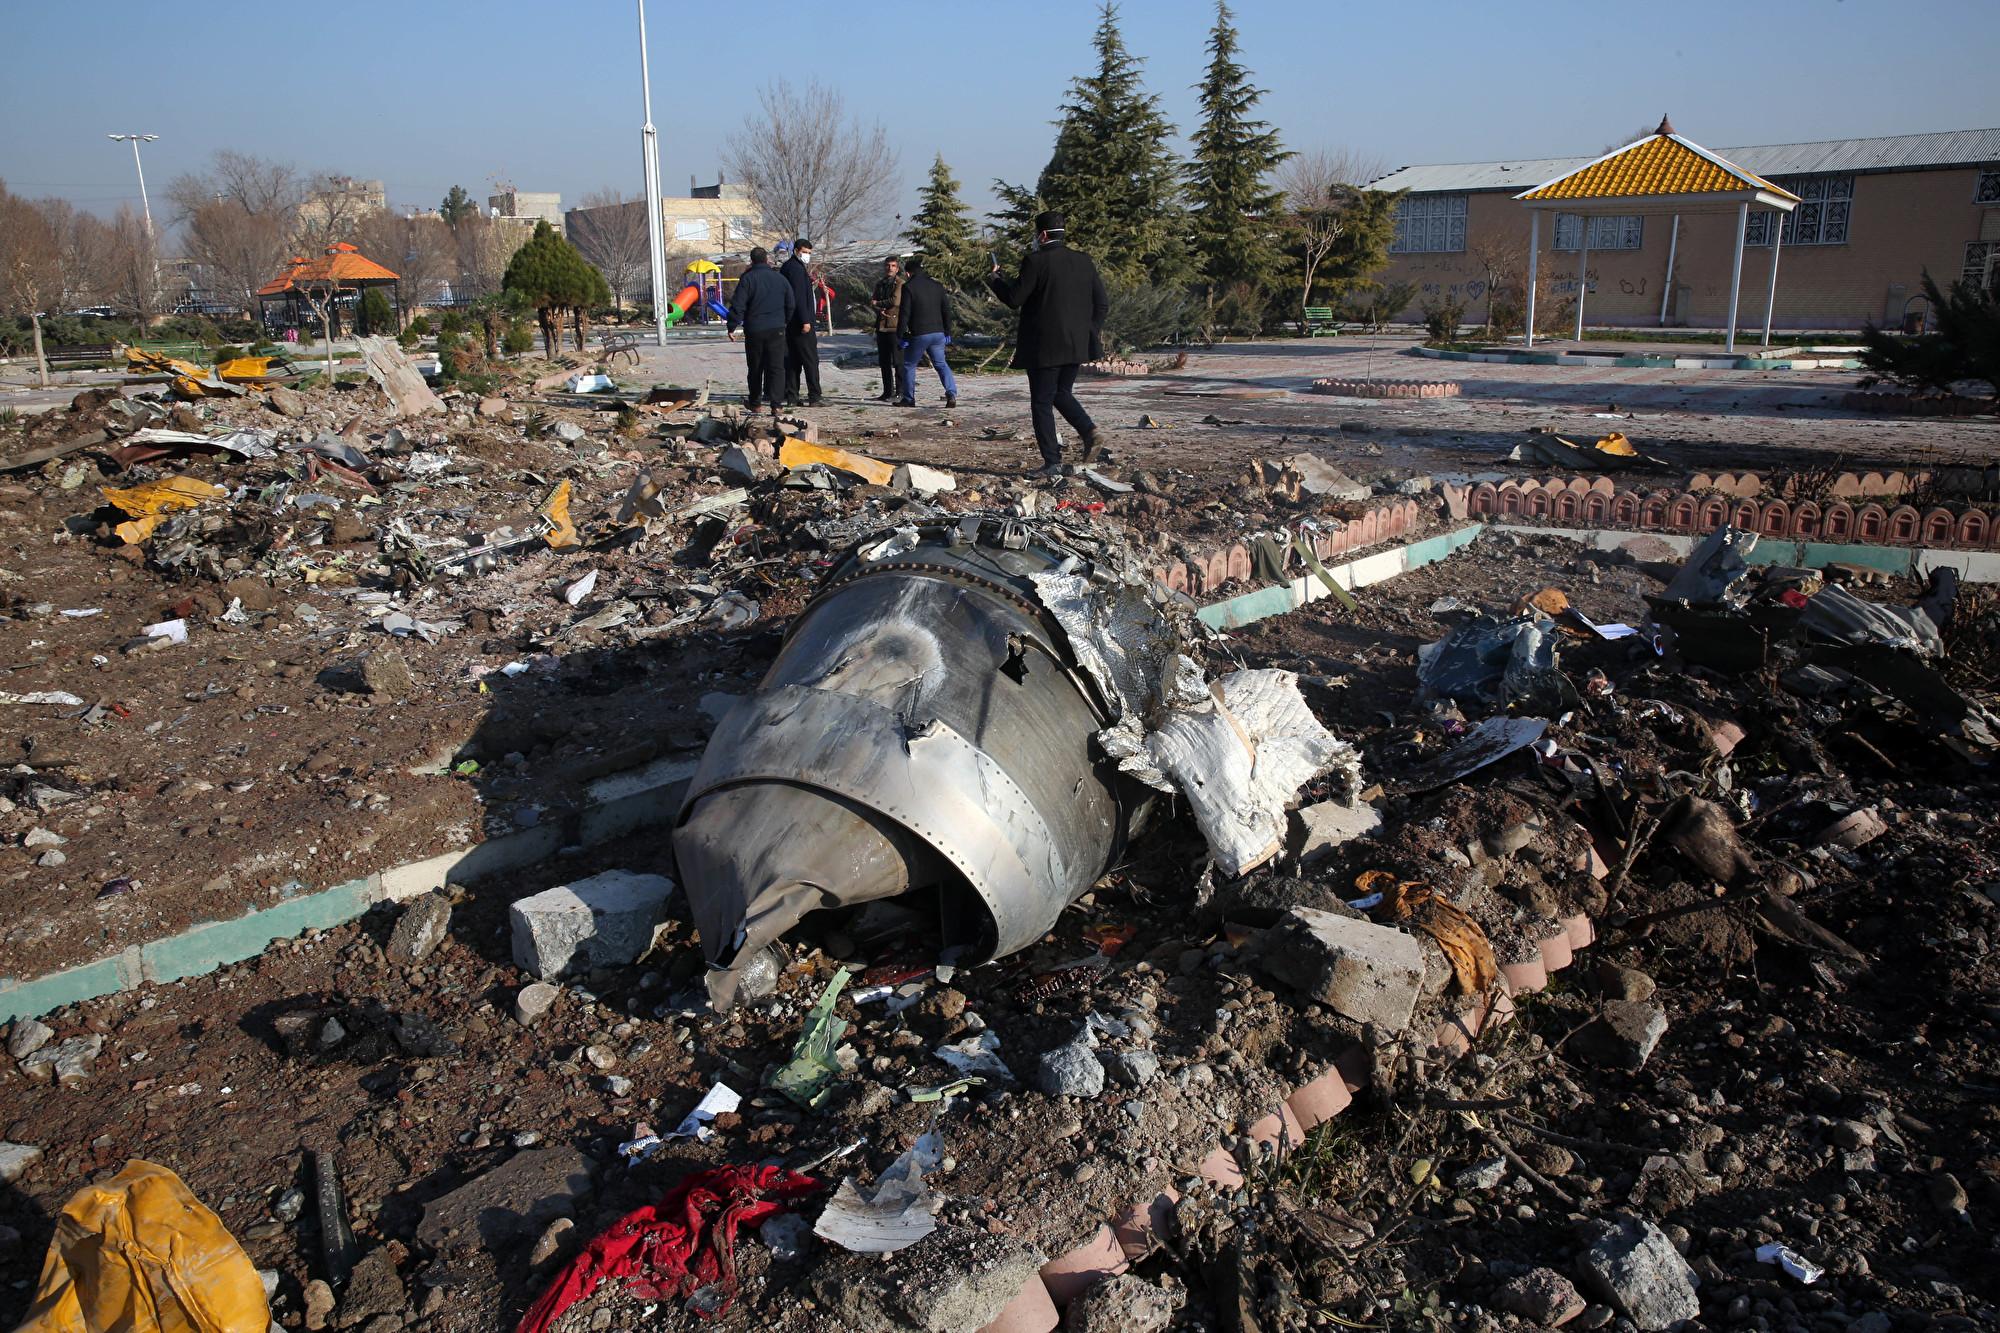 烏克蘭客機墜毀 伊朗拒將黑匣子交給美國